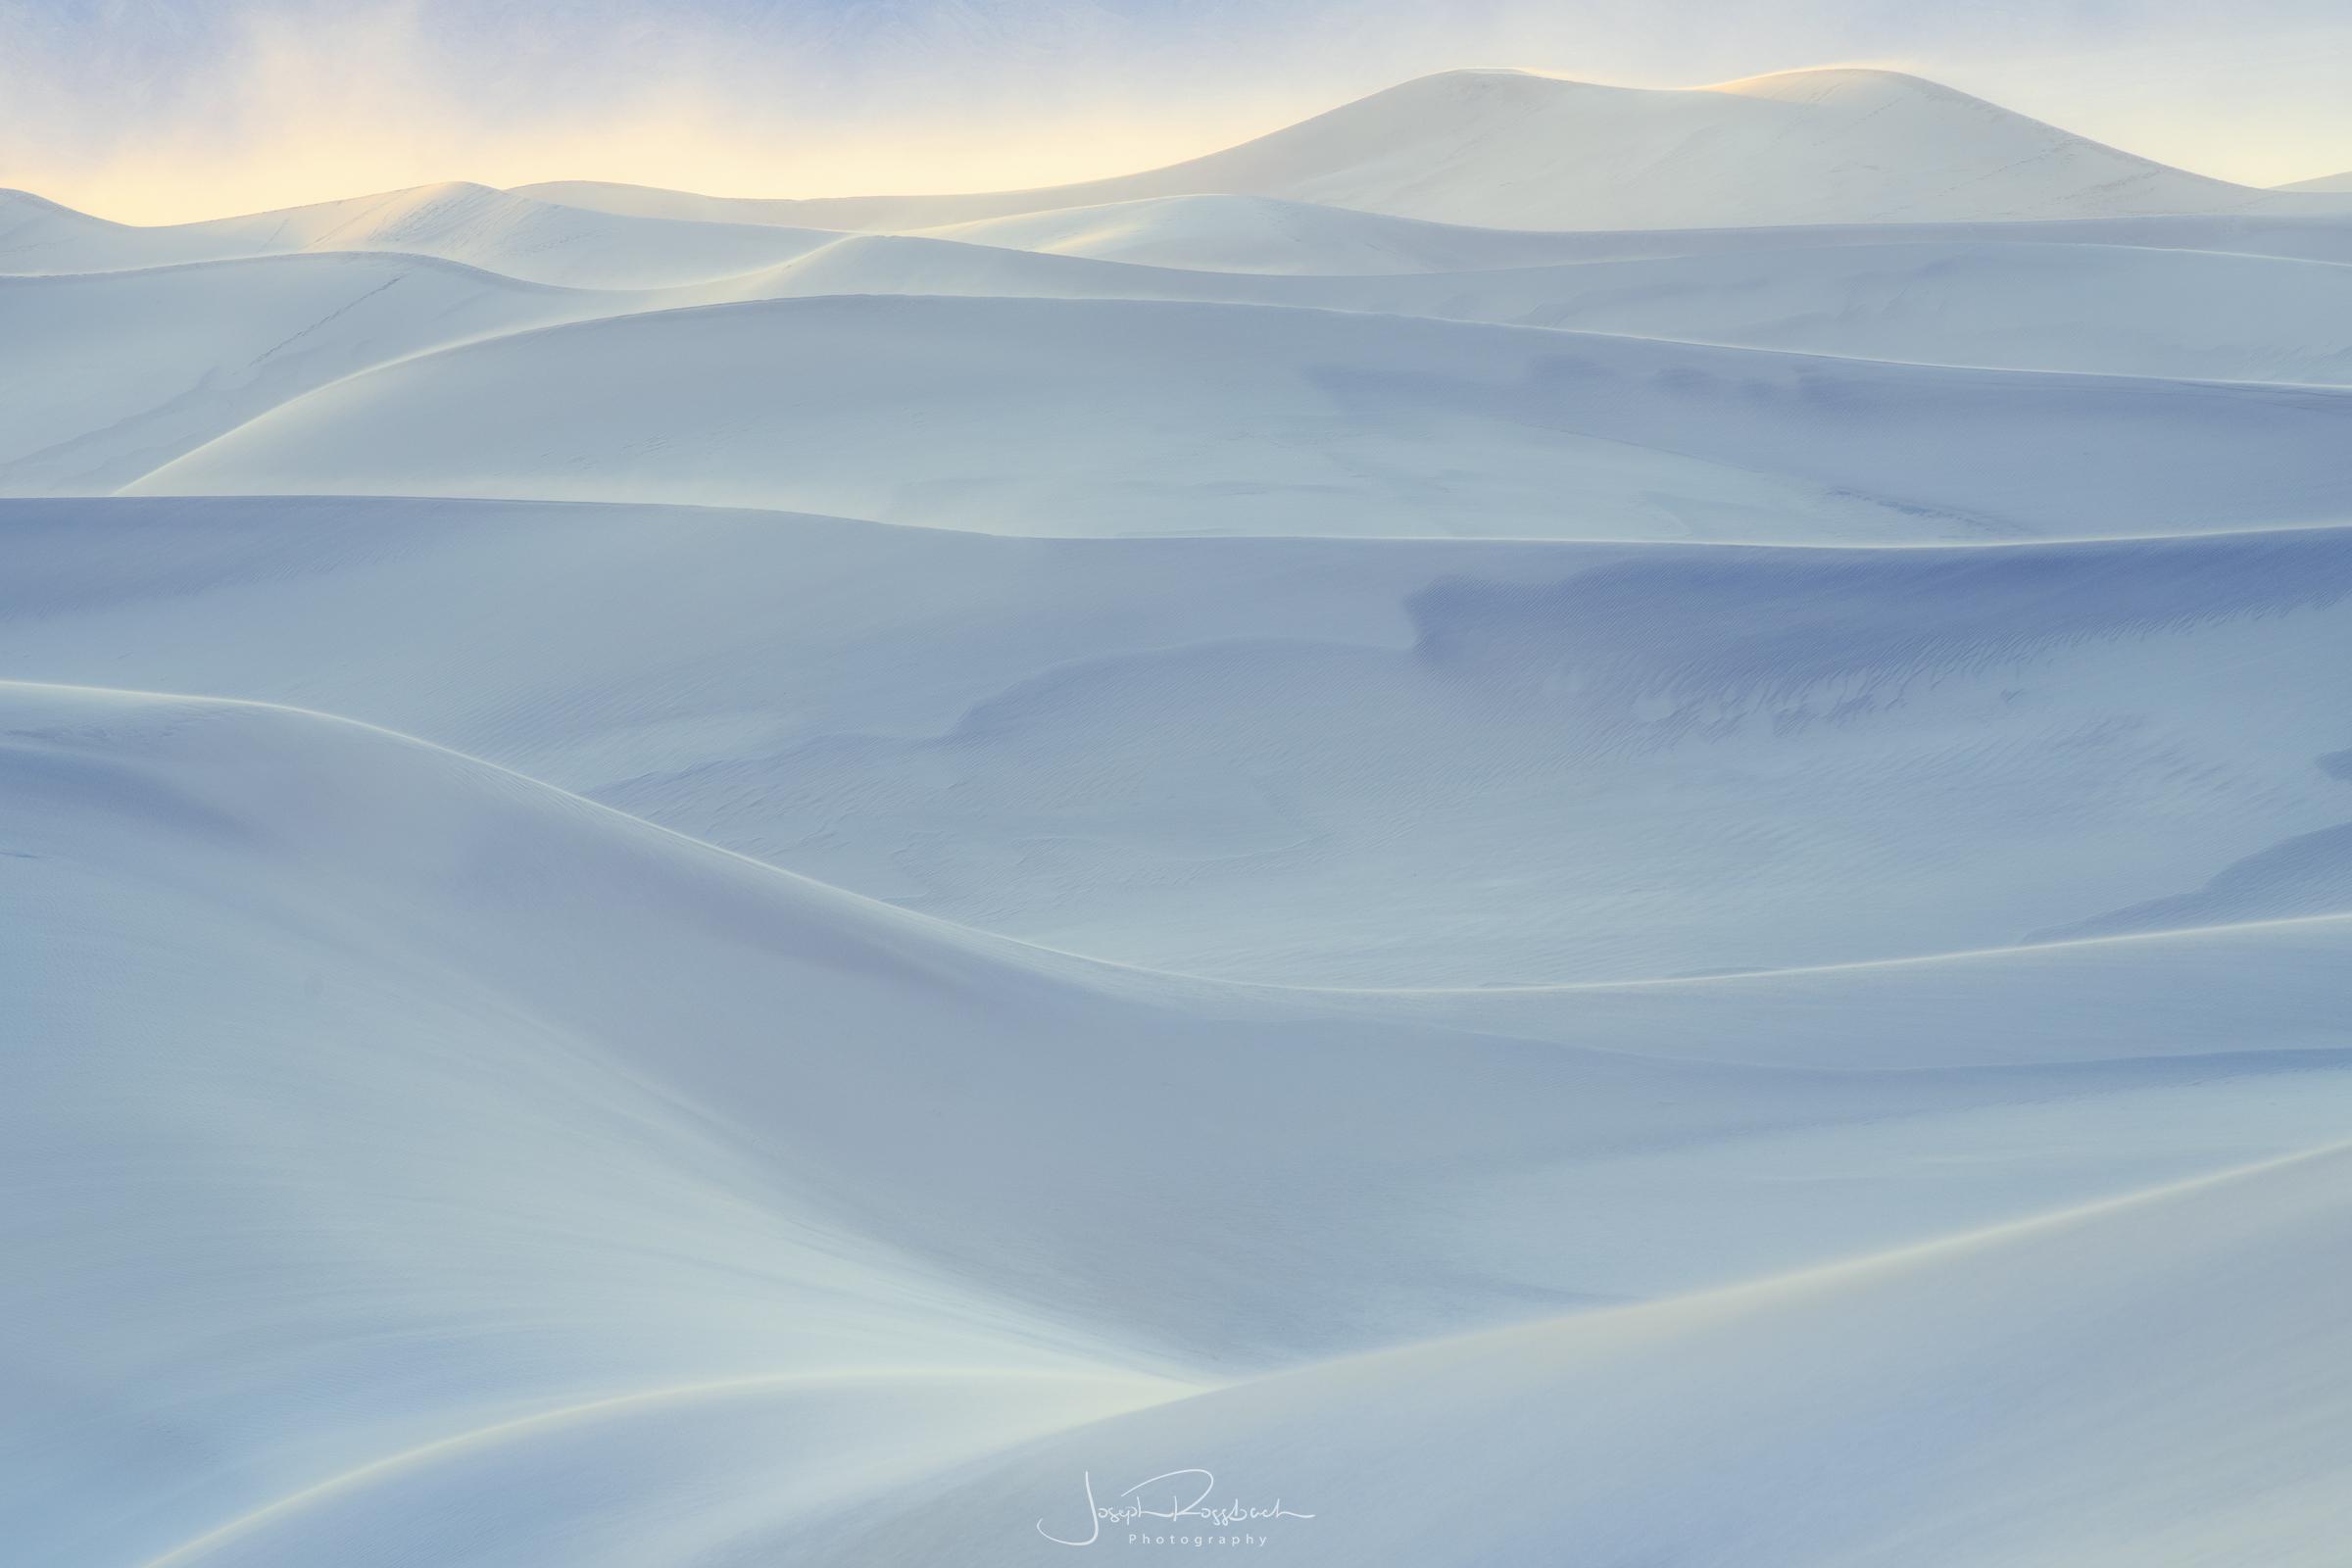 mesquite-flat-sand-dunes.jpg